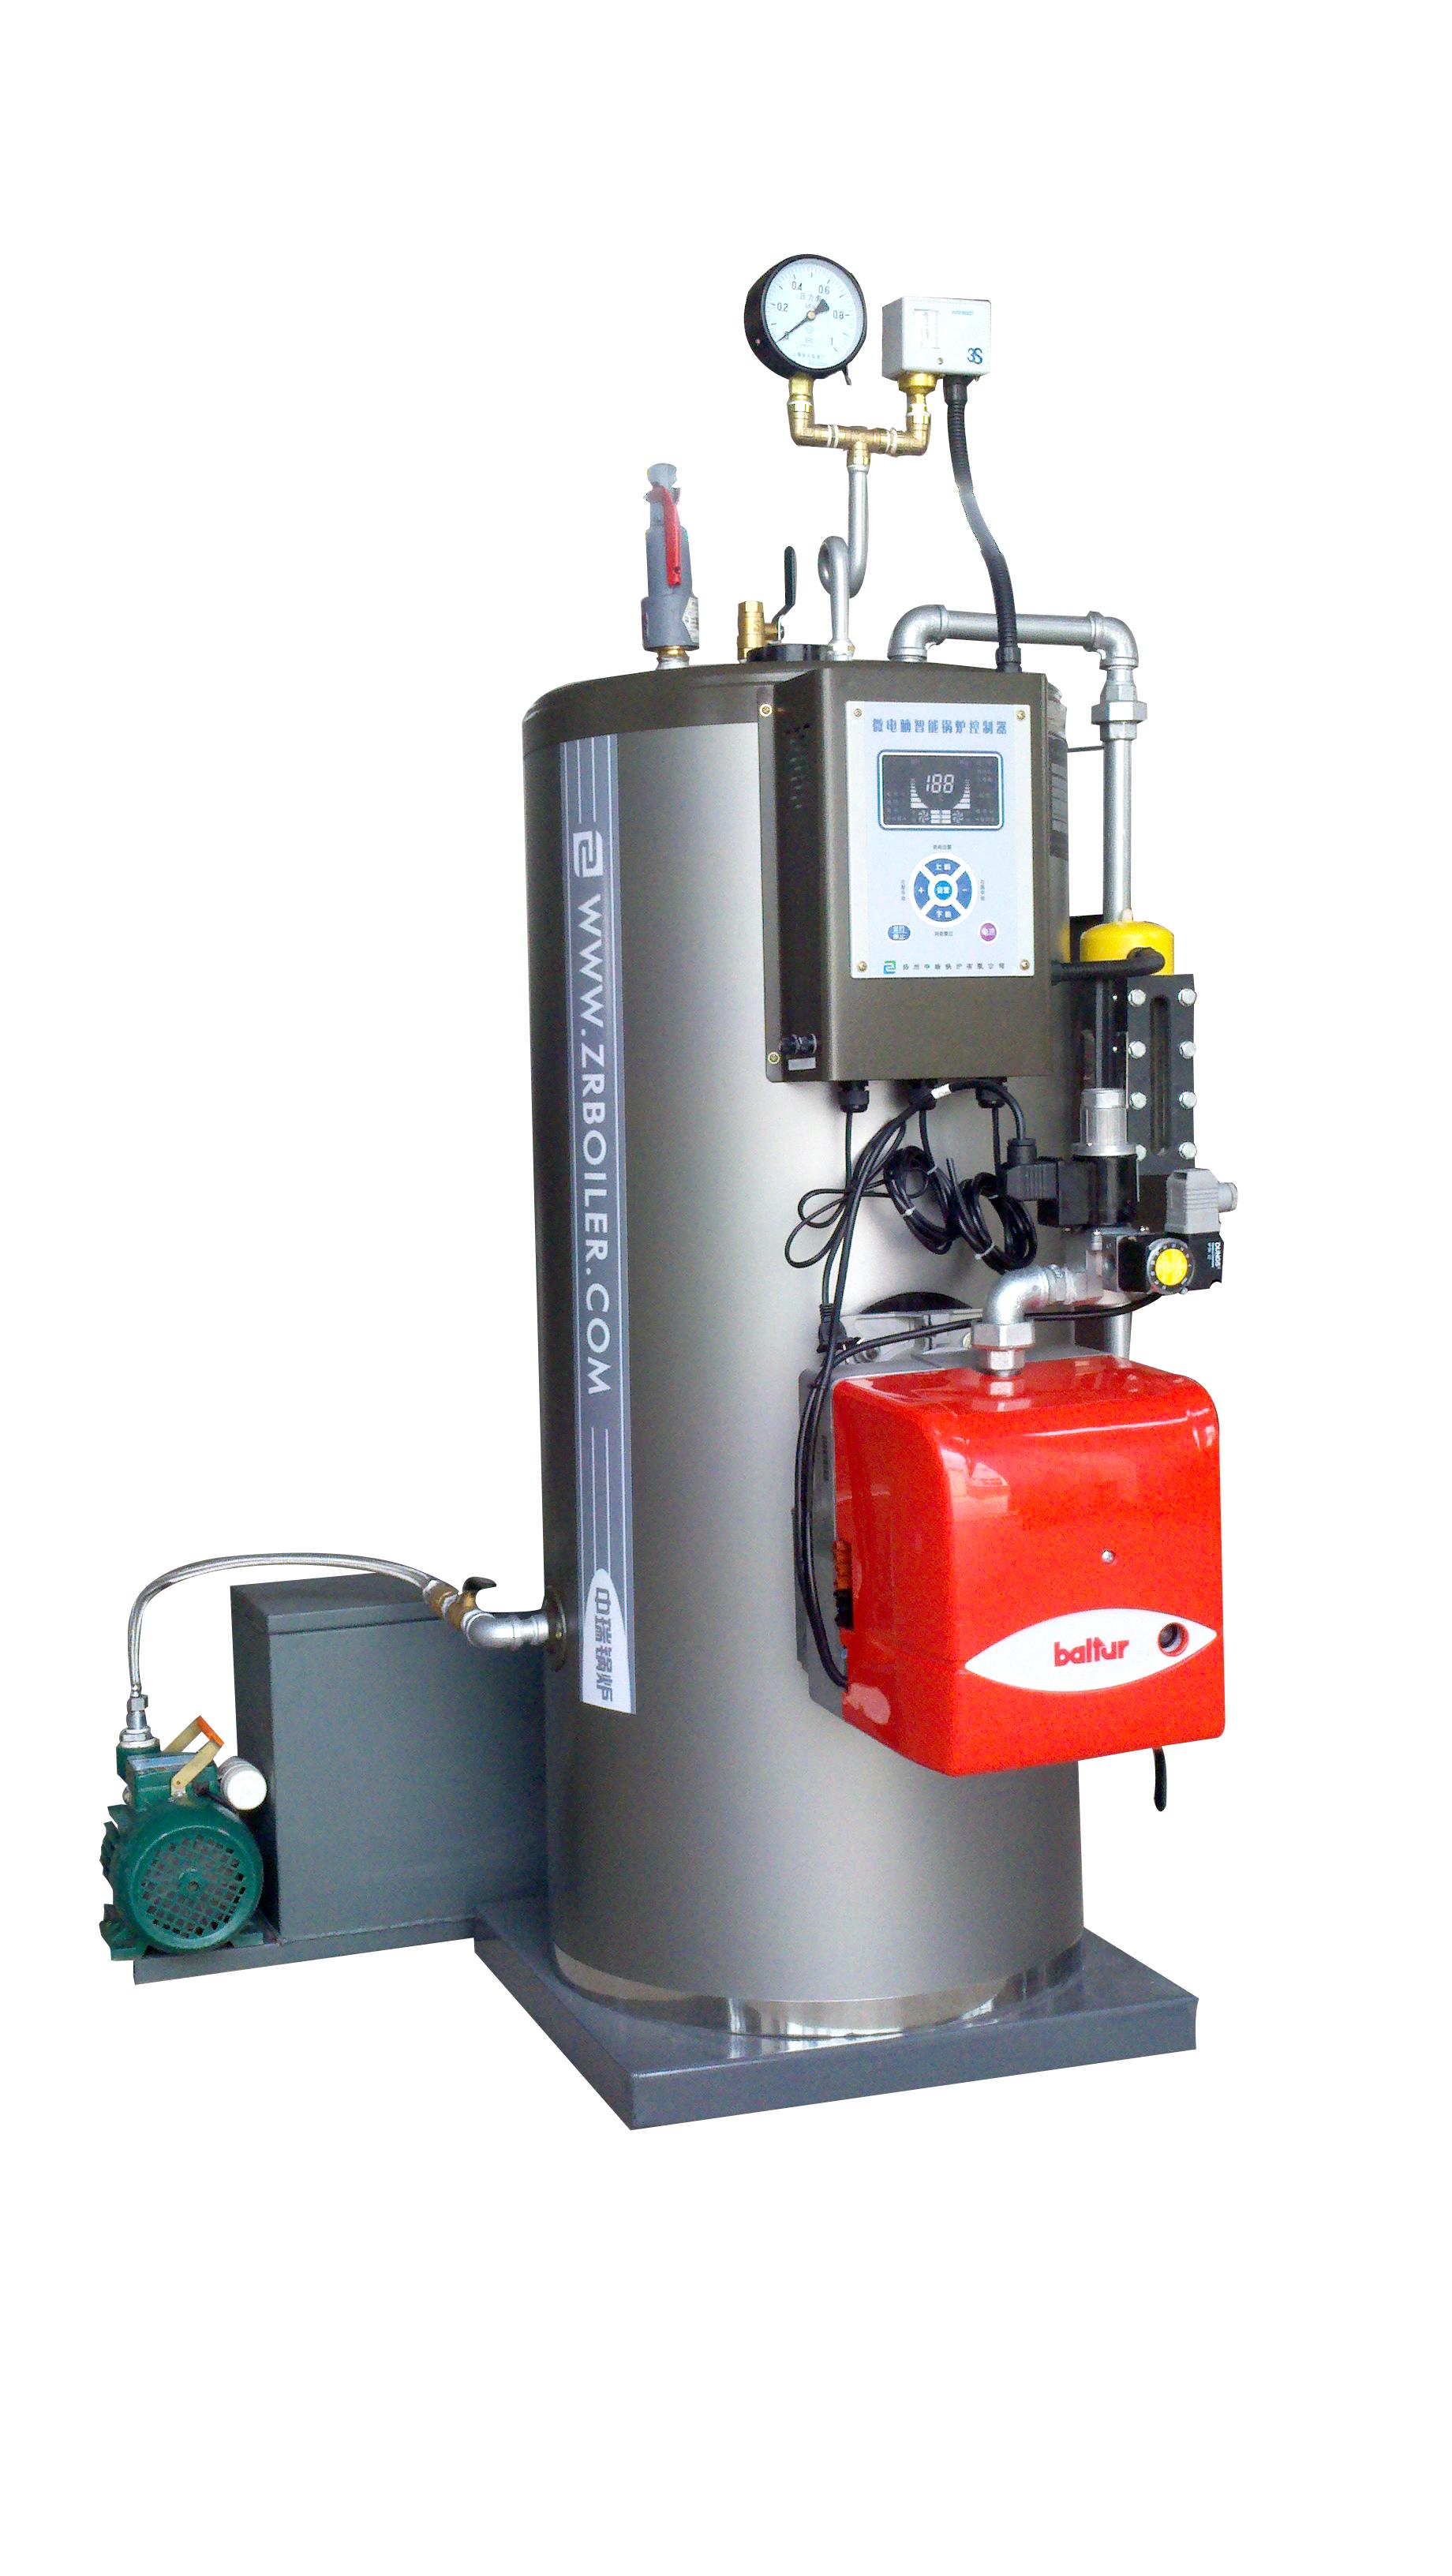 桑拿足浴养生专用蒸汽机蒸汽锅炉